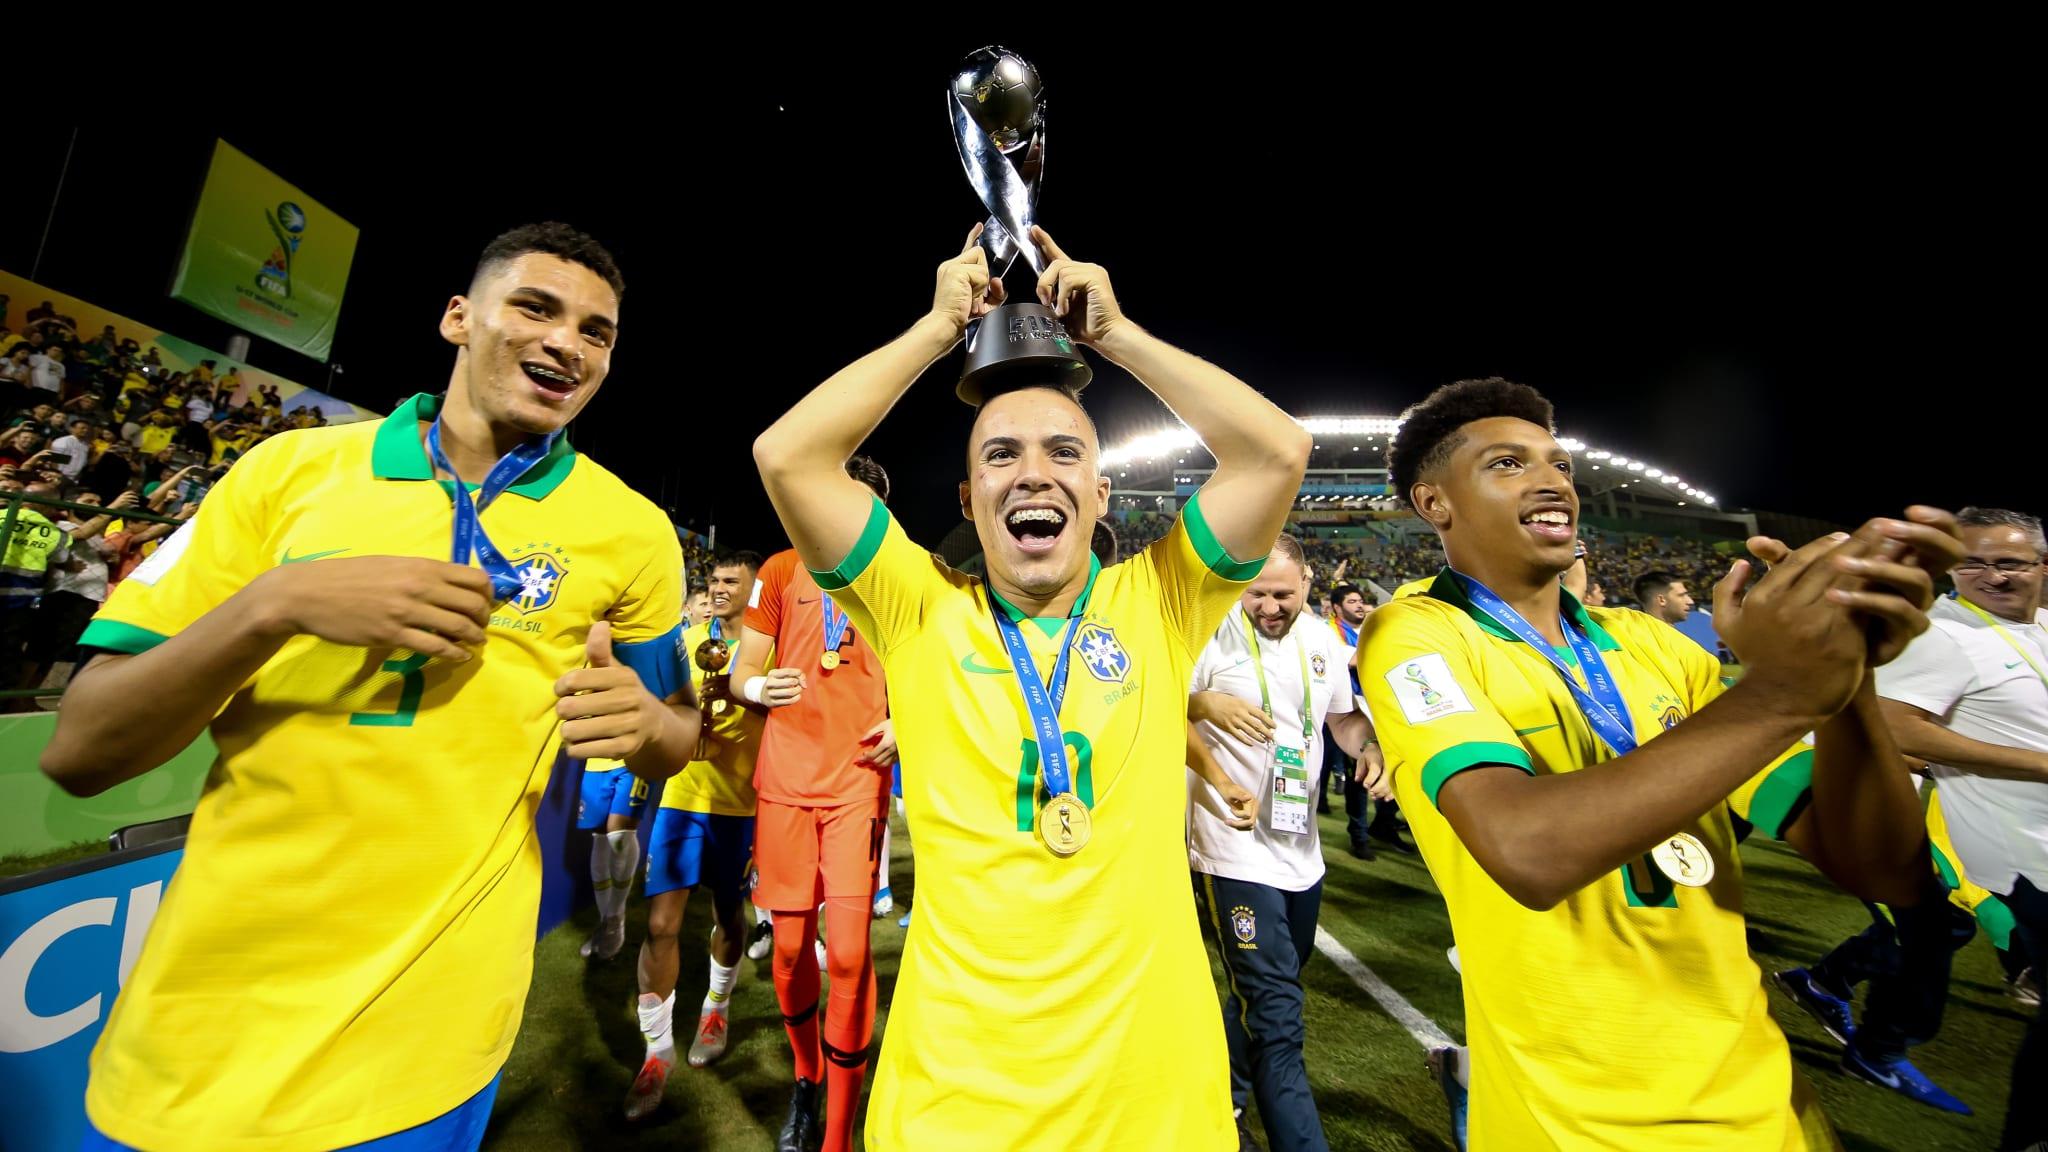 Matheus Araujo of Brazil celebrates